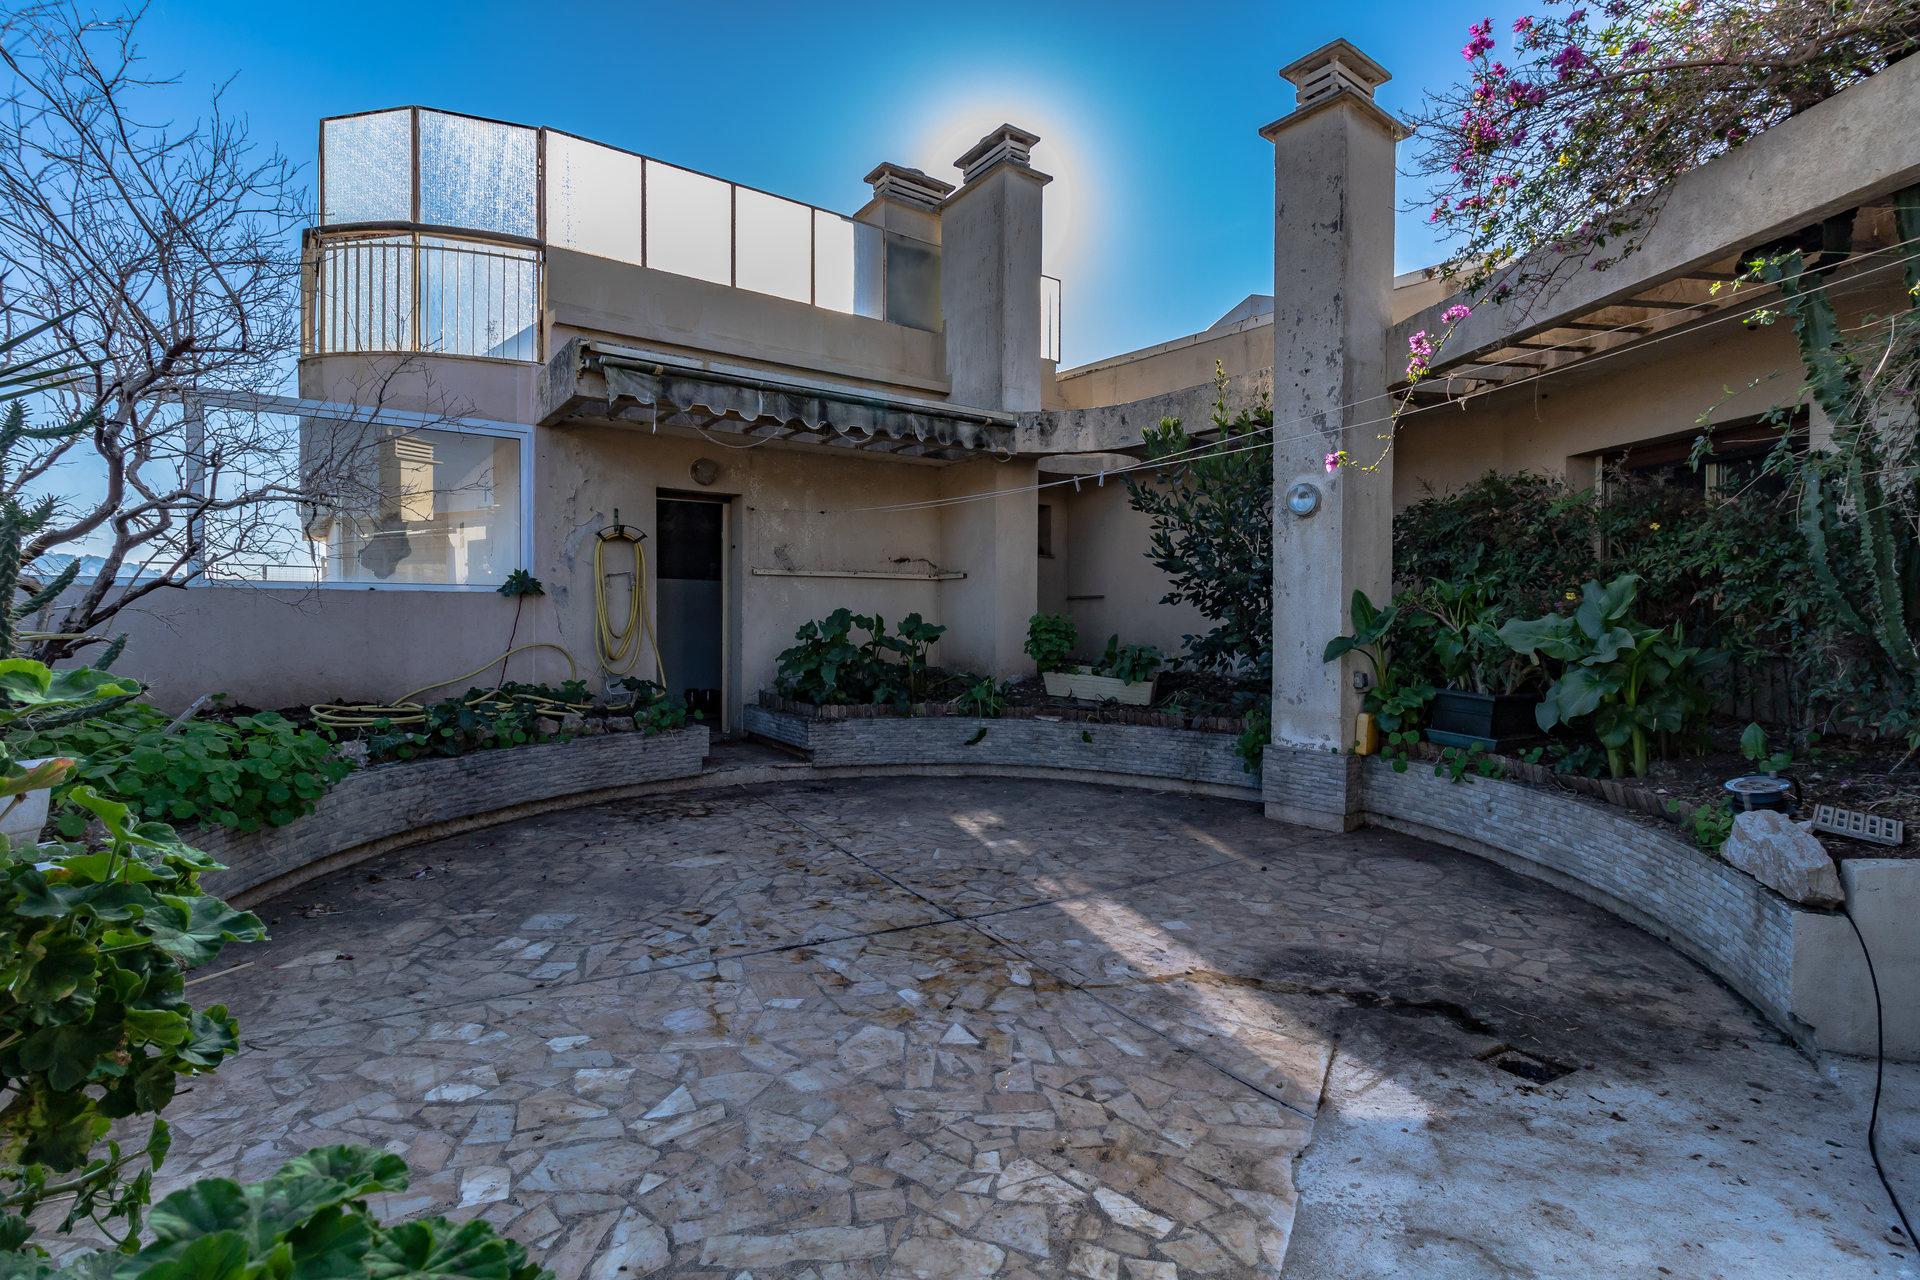 Villa toit Le Cannet 139m² terrasse,  cave, parking,  piscine